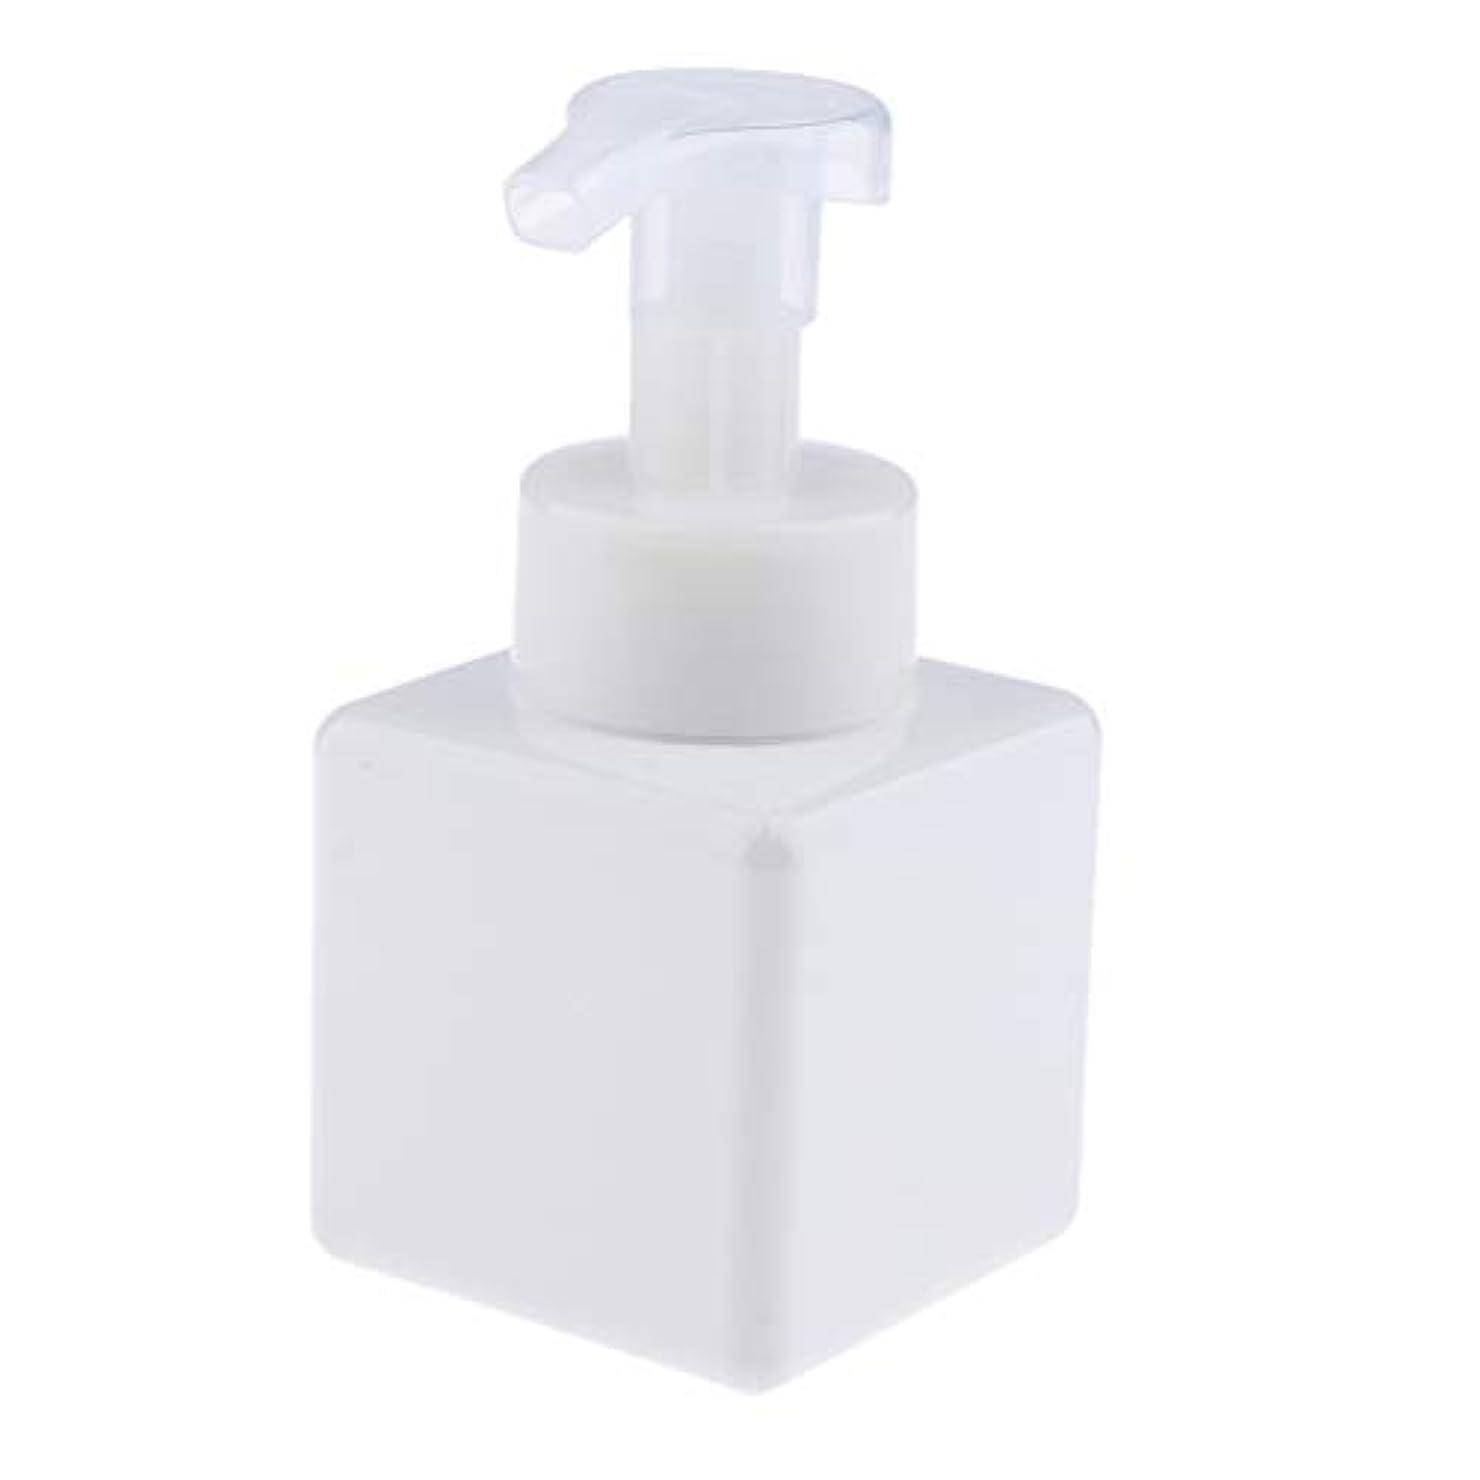 幻滅段落捧げる浴室の台所ホテル用 詰め替え式 泡立つ石鹸ディスペンサーポンプびん 正方形 250ml - 白